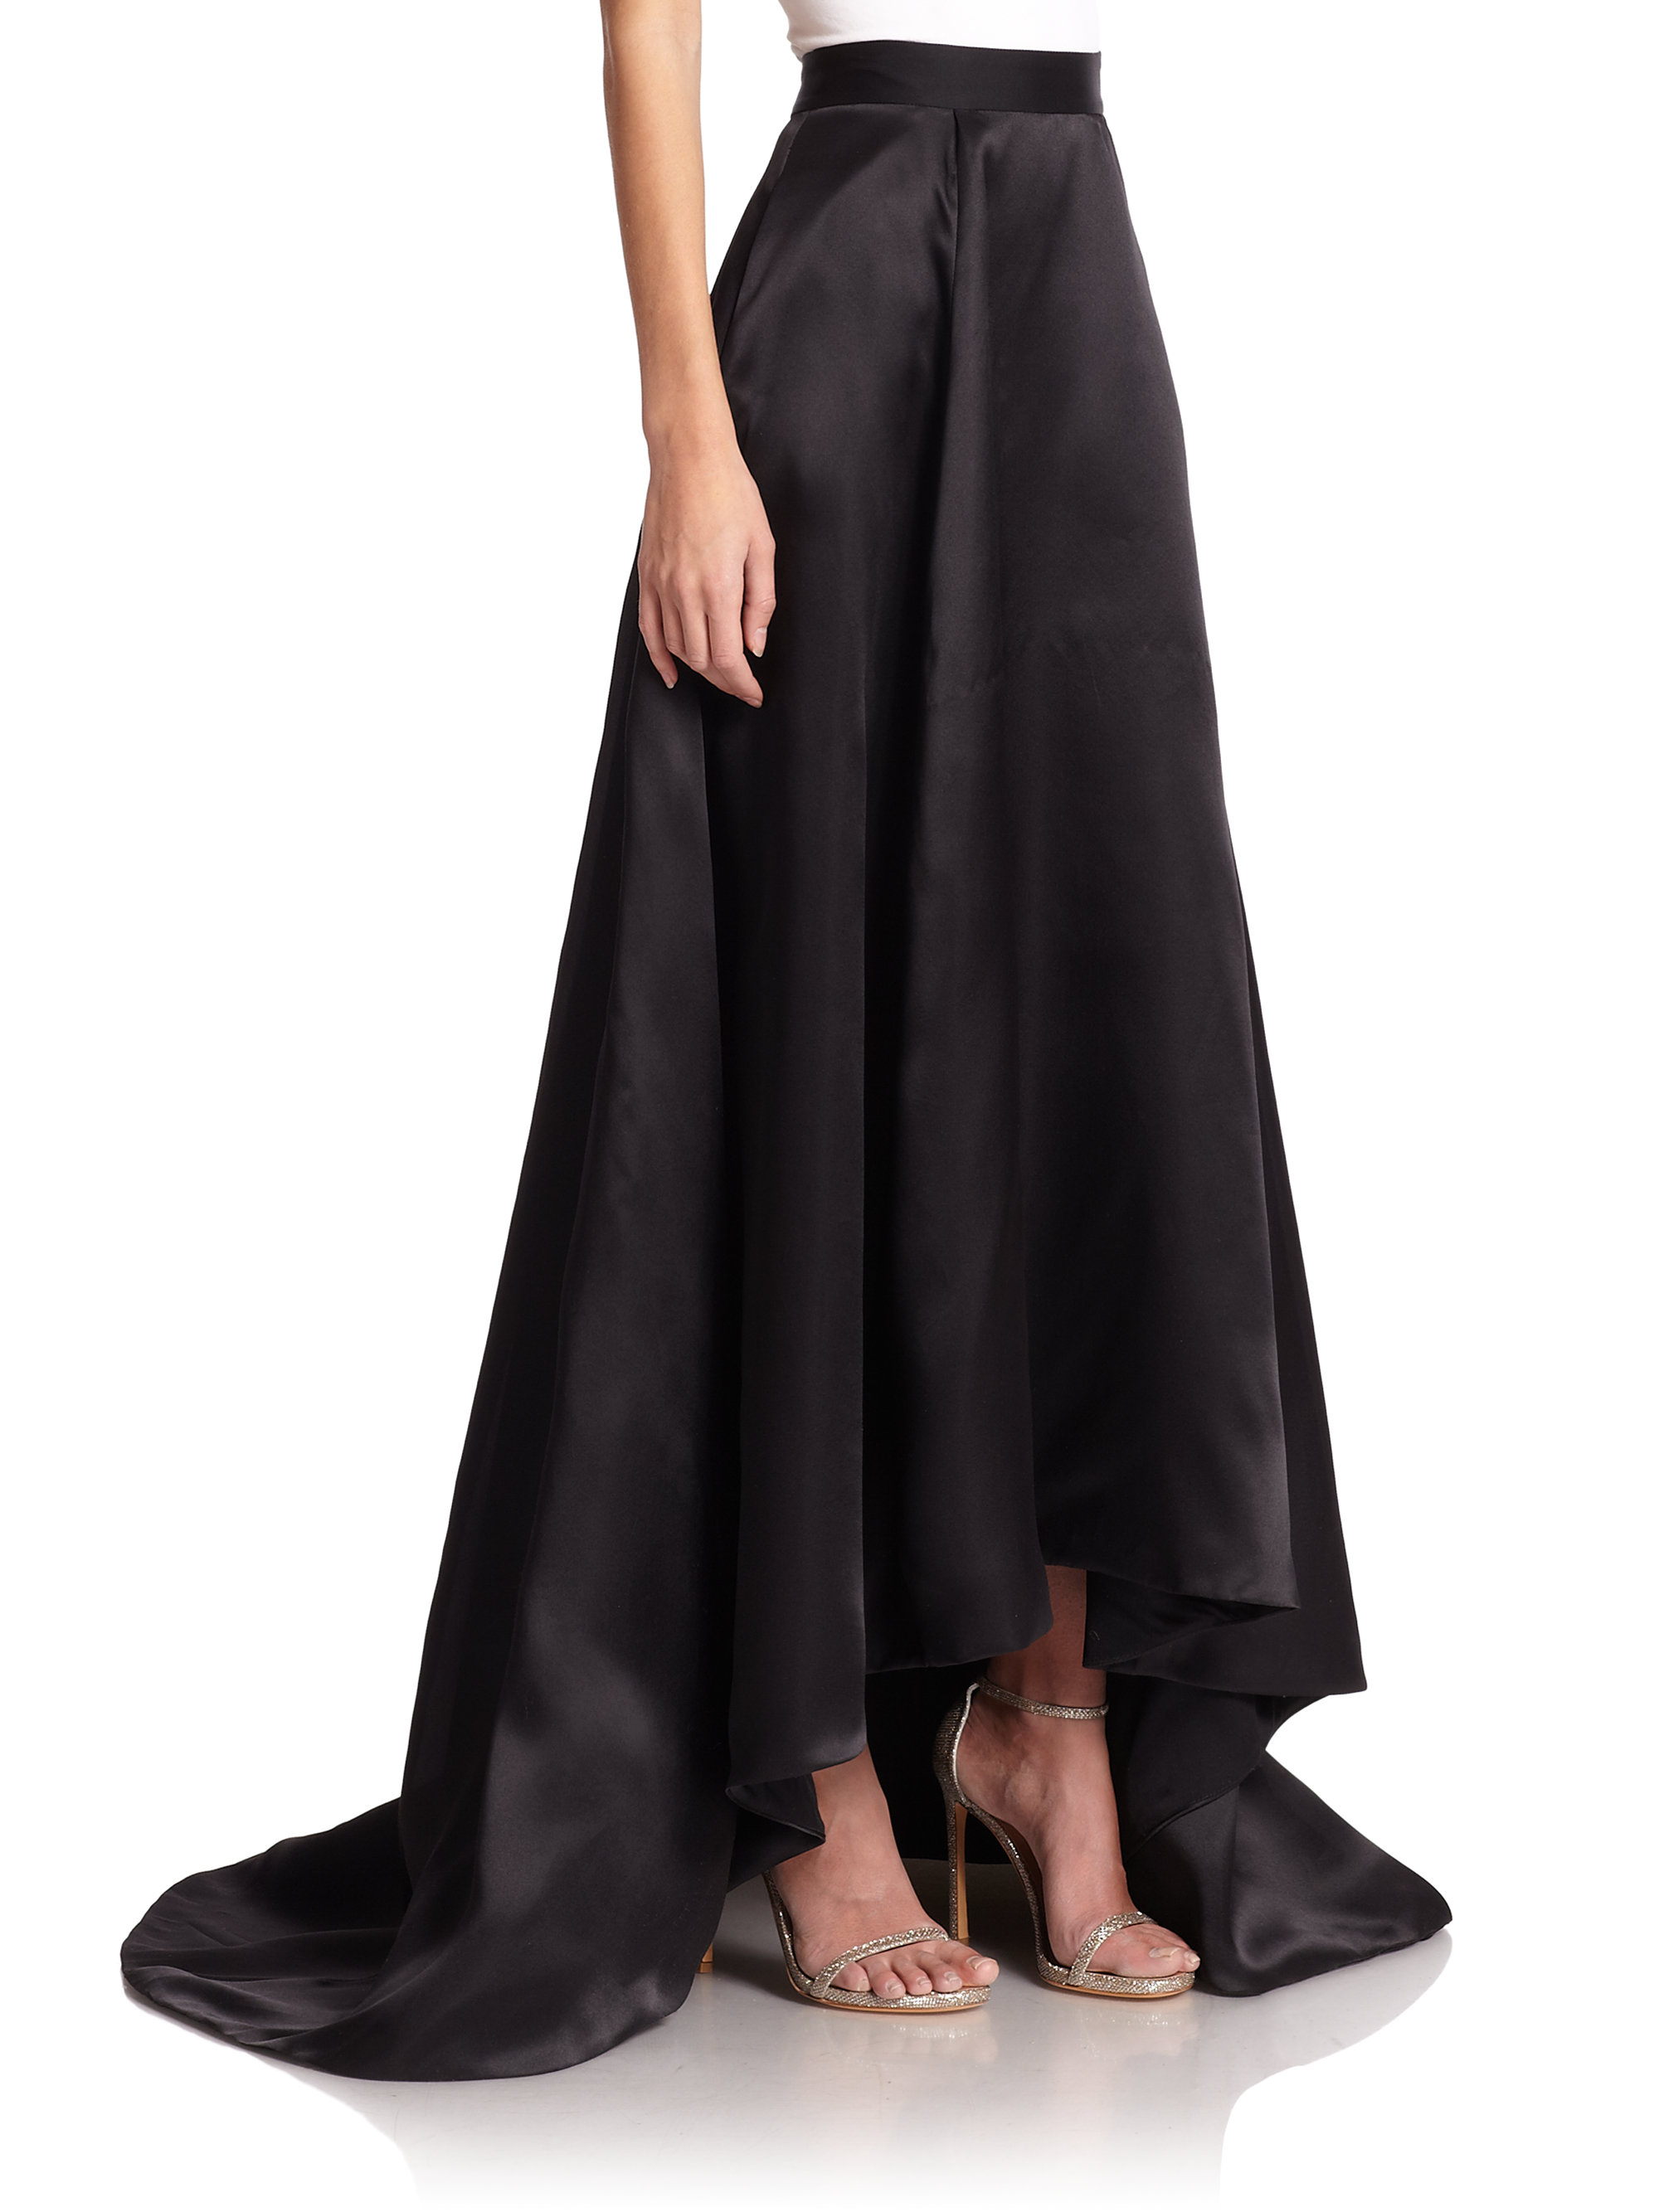 Lyst - St. John Silk Satin Ball Gown Skirt in Black